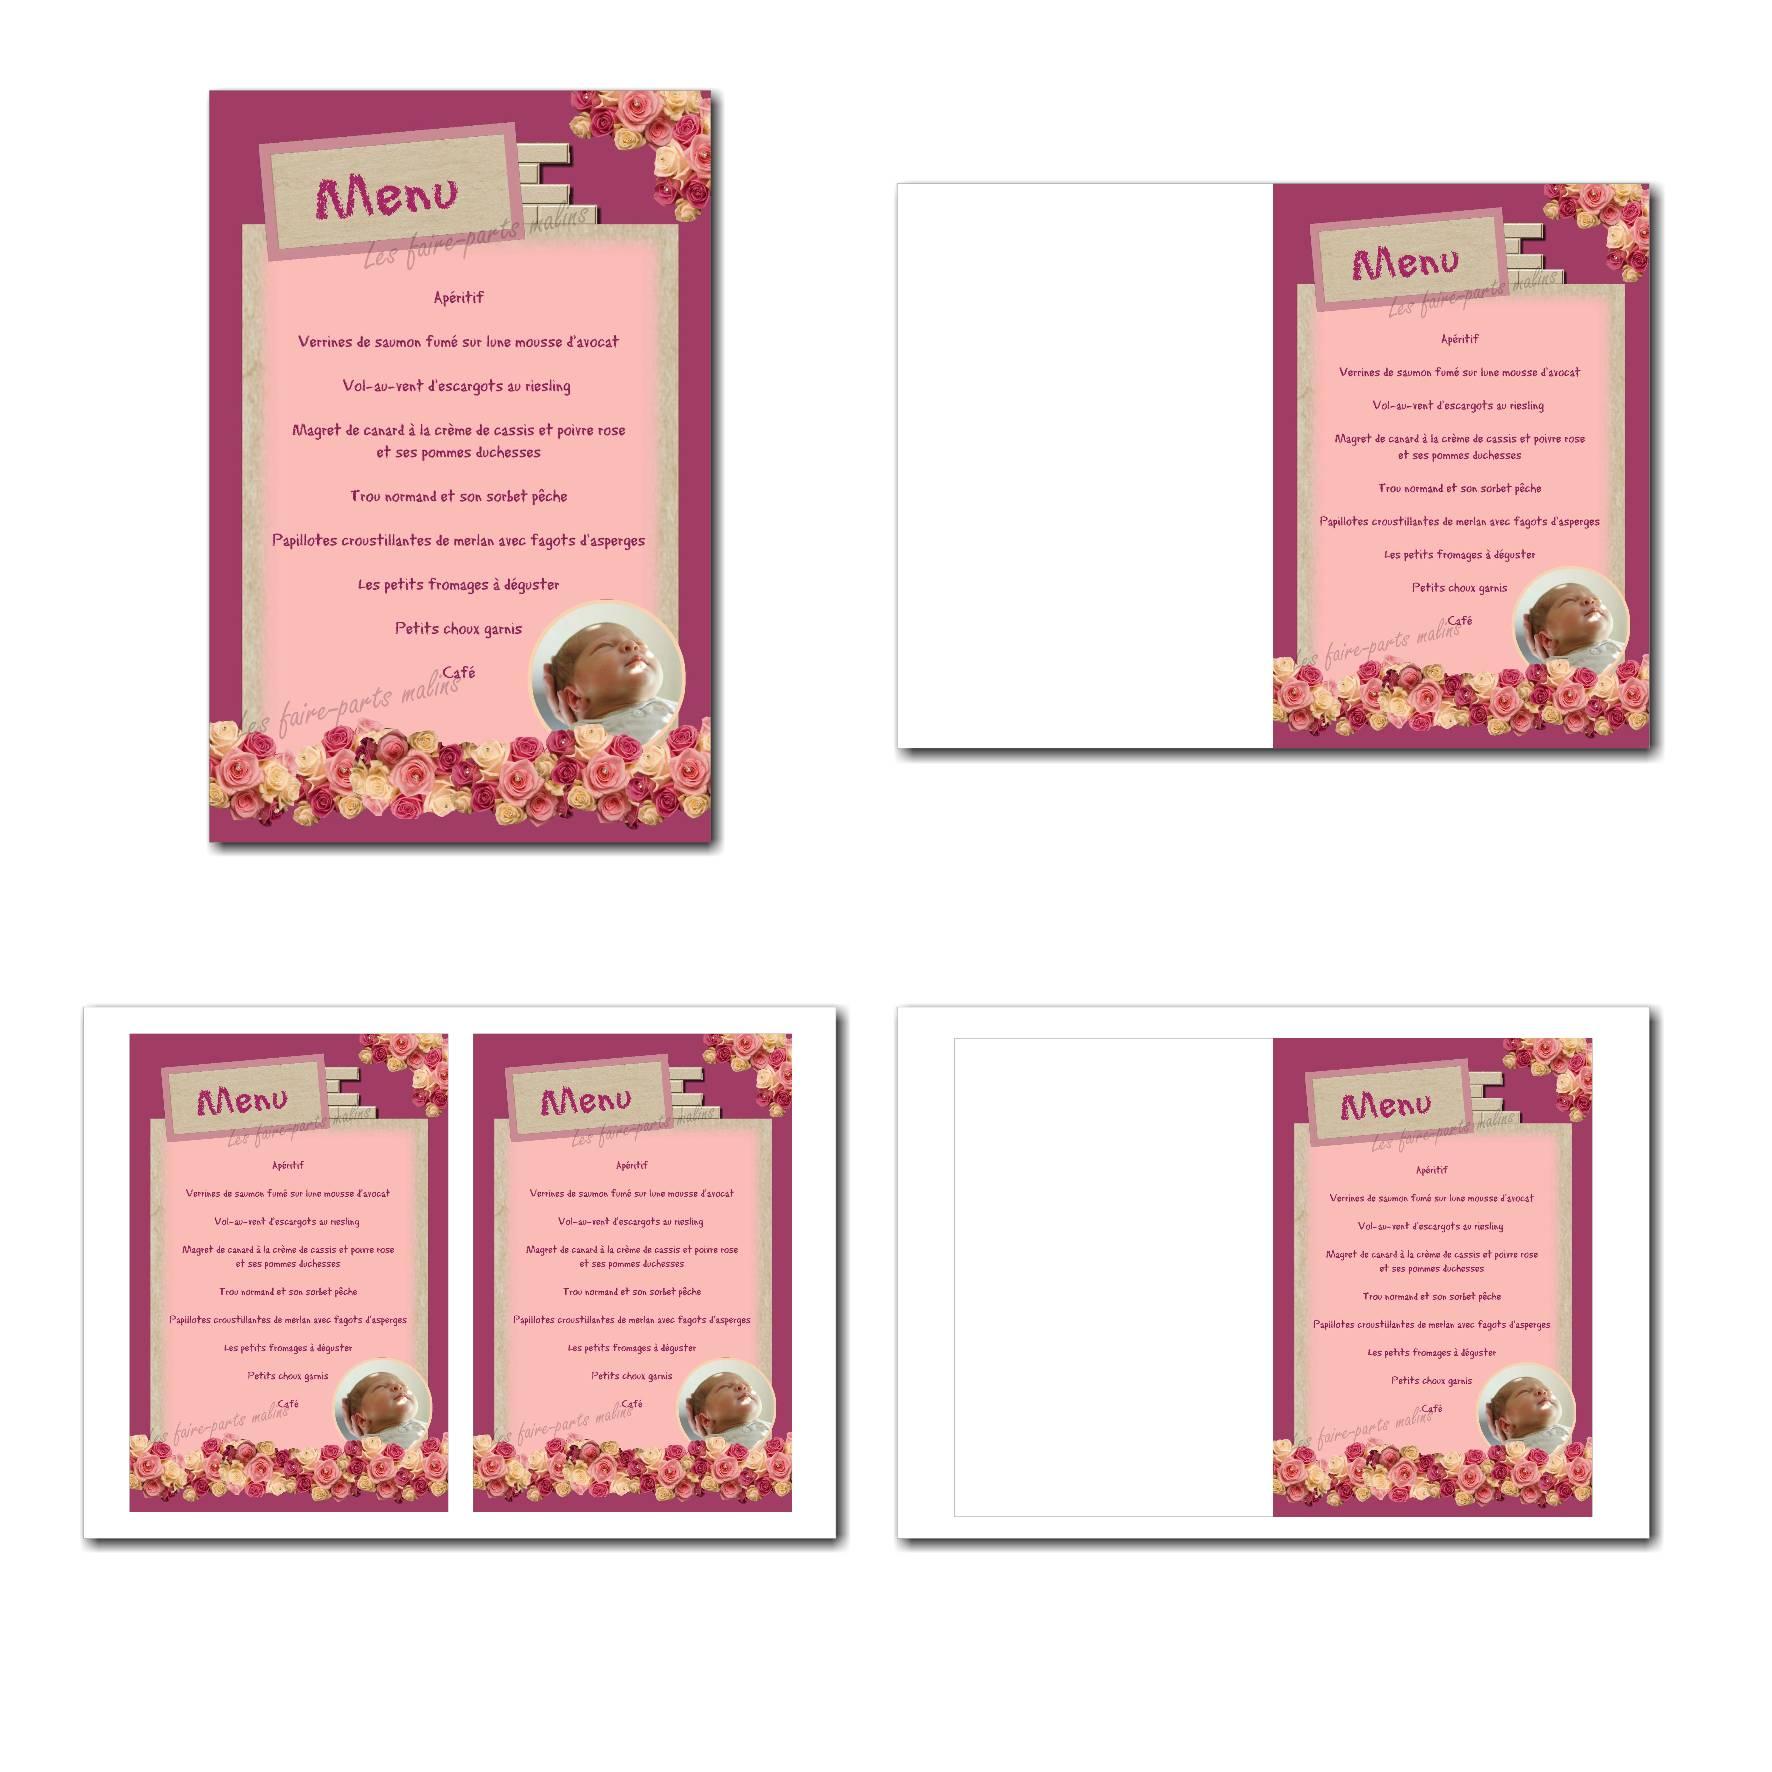 carte de menu illimité en rose et beige avec bord en fleur